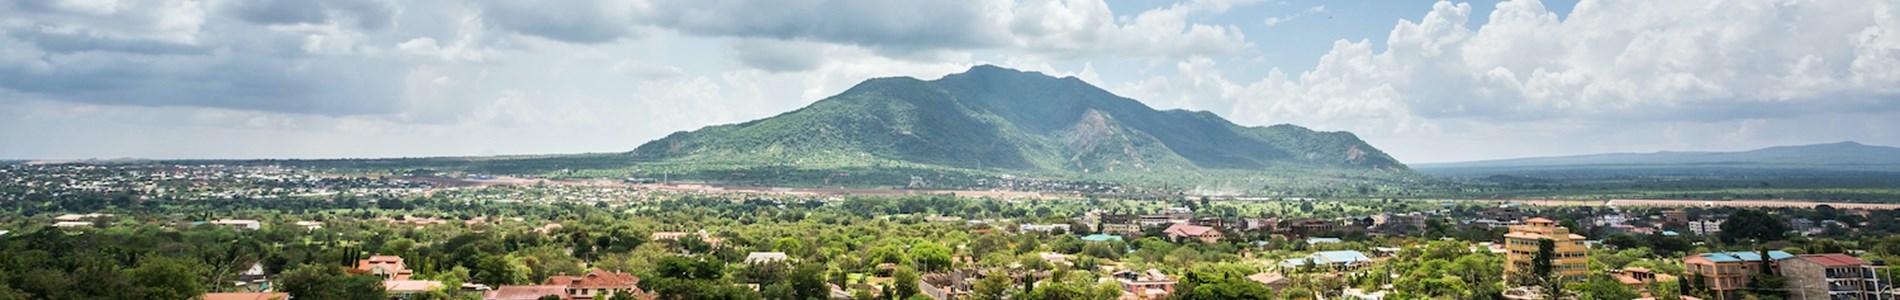 מומבסה